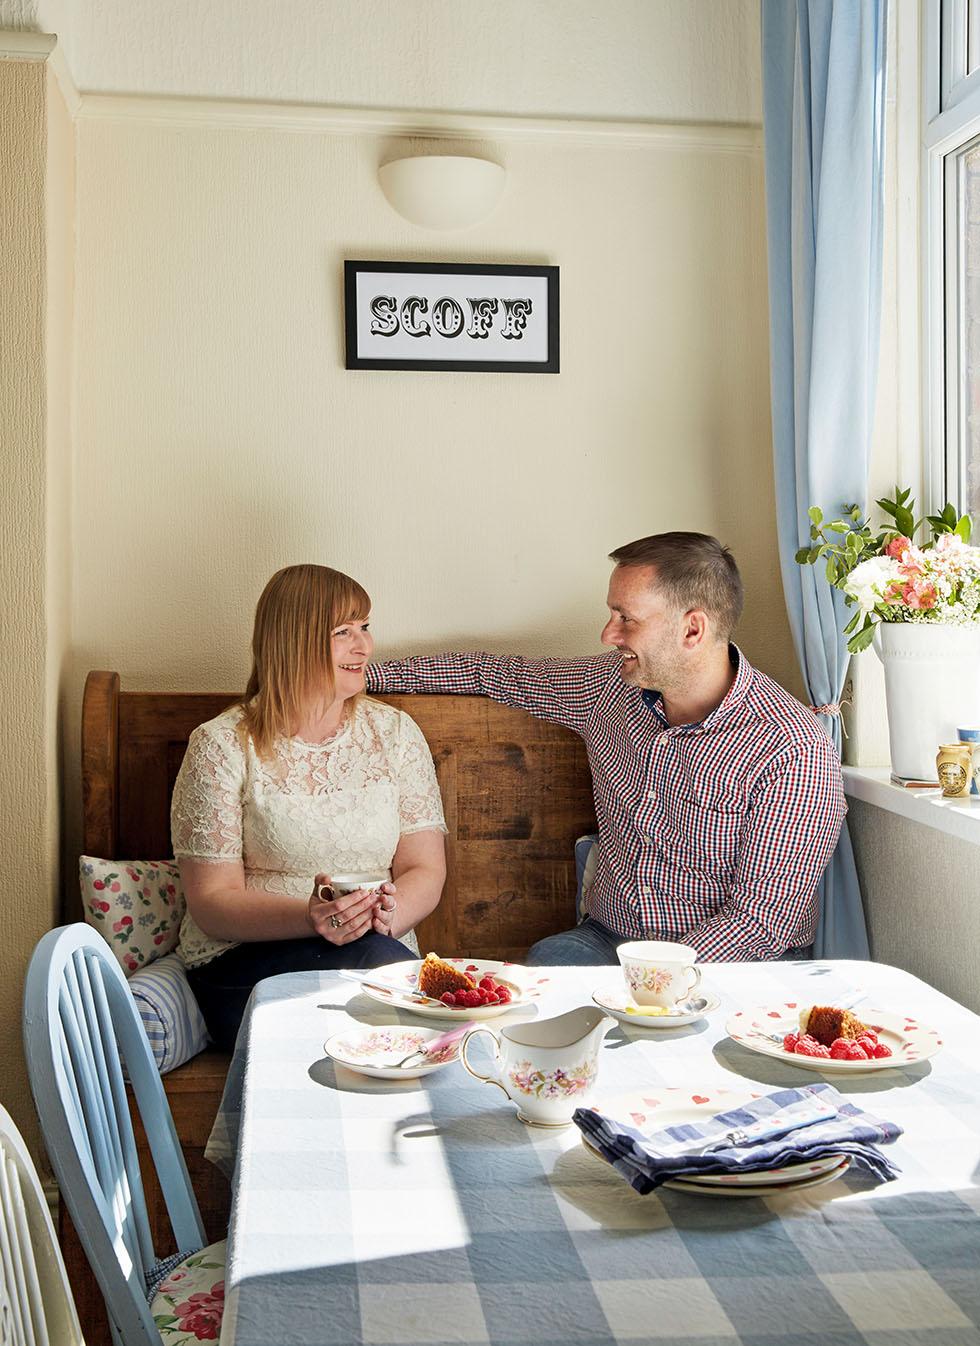 prescott-davies-homeowners